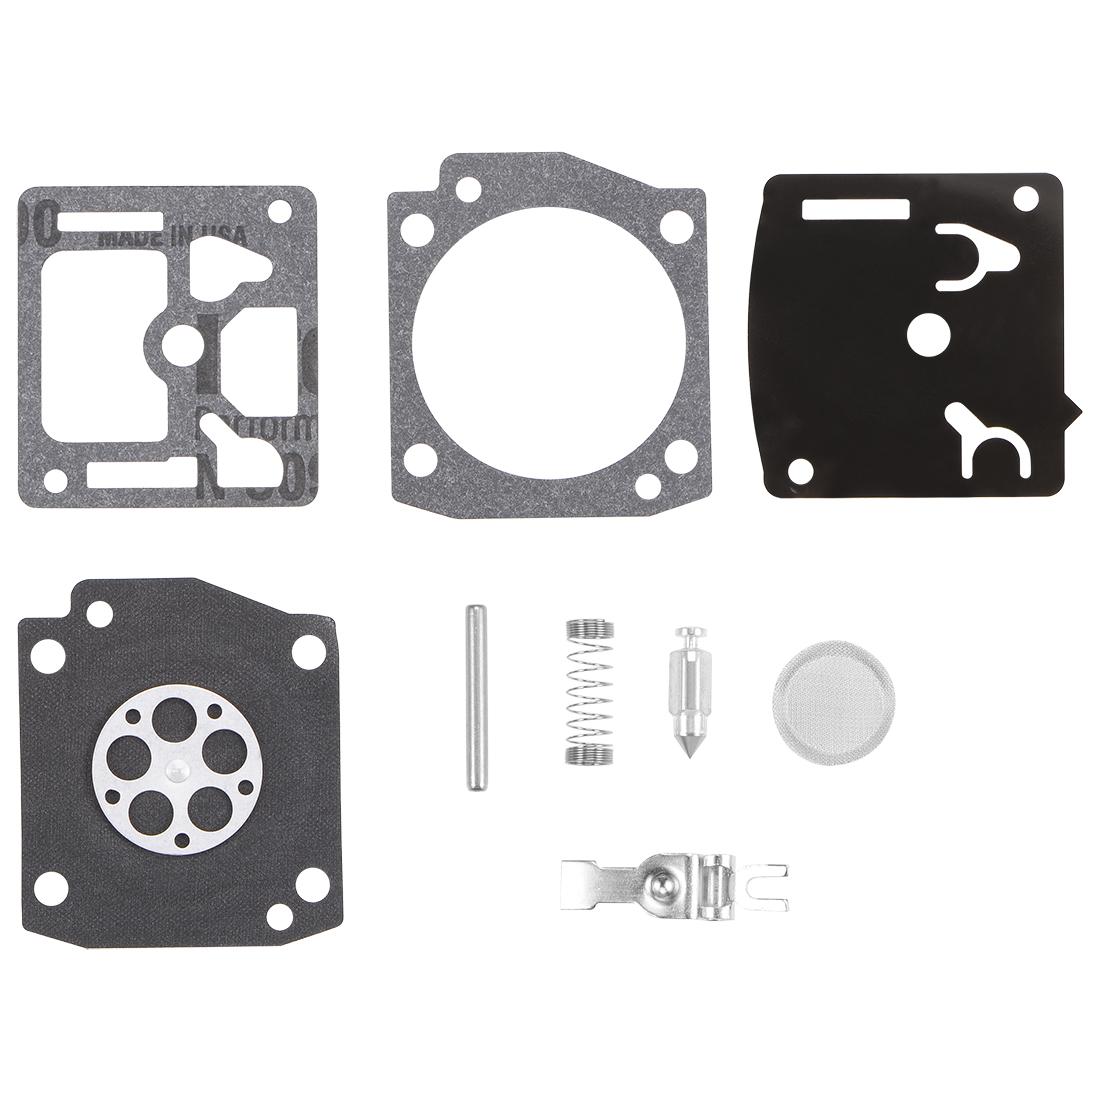 MS361 Carburetor Rebuild Kit Gasket Diaphragm for K10-HD Engines Carb